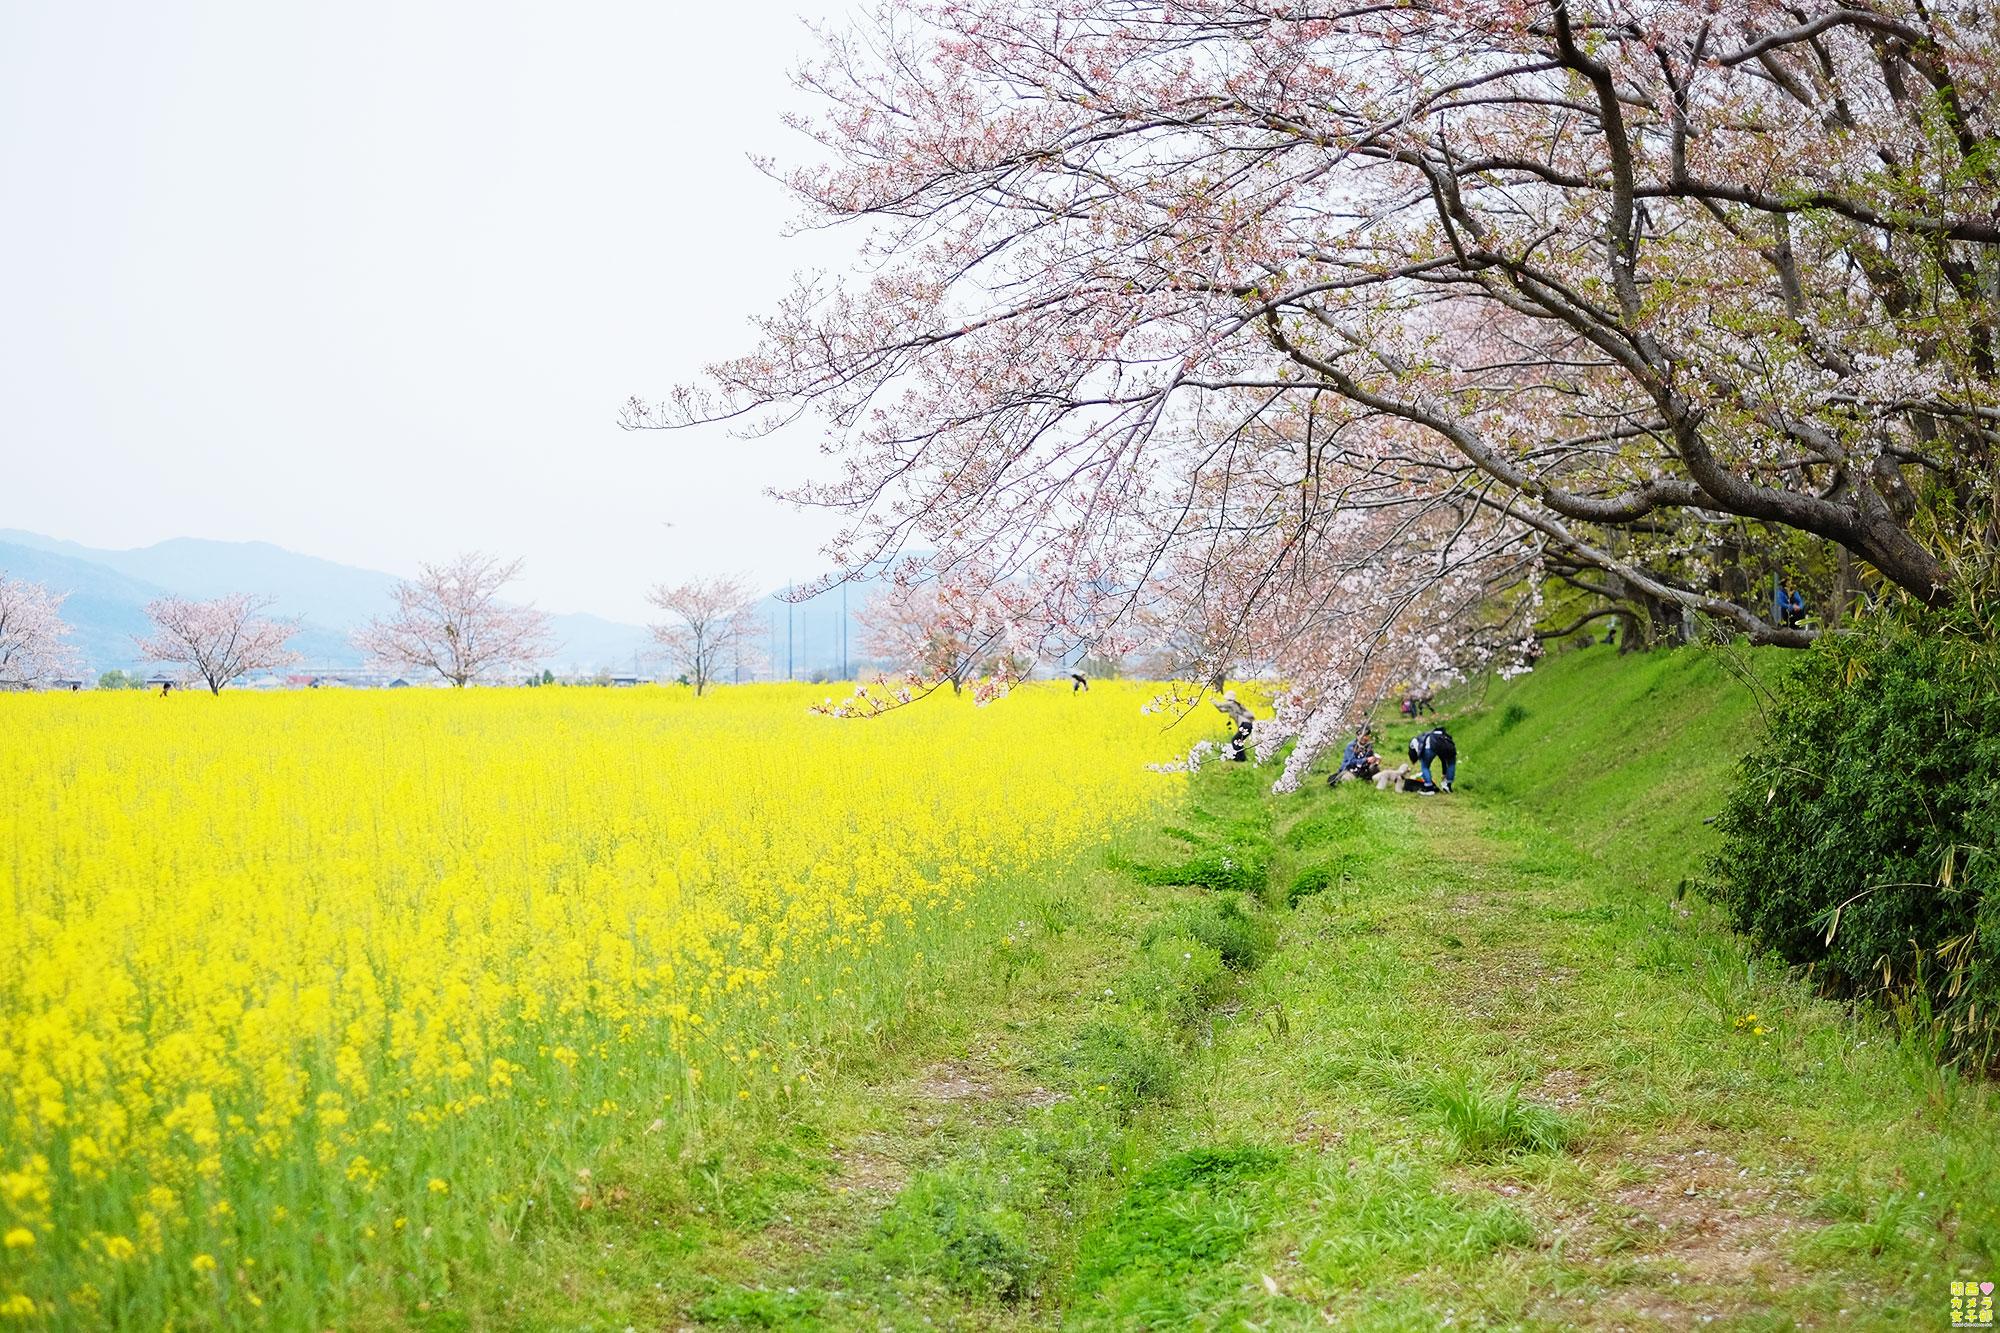 hiro_fujiwara_DSCF1860